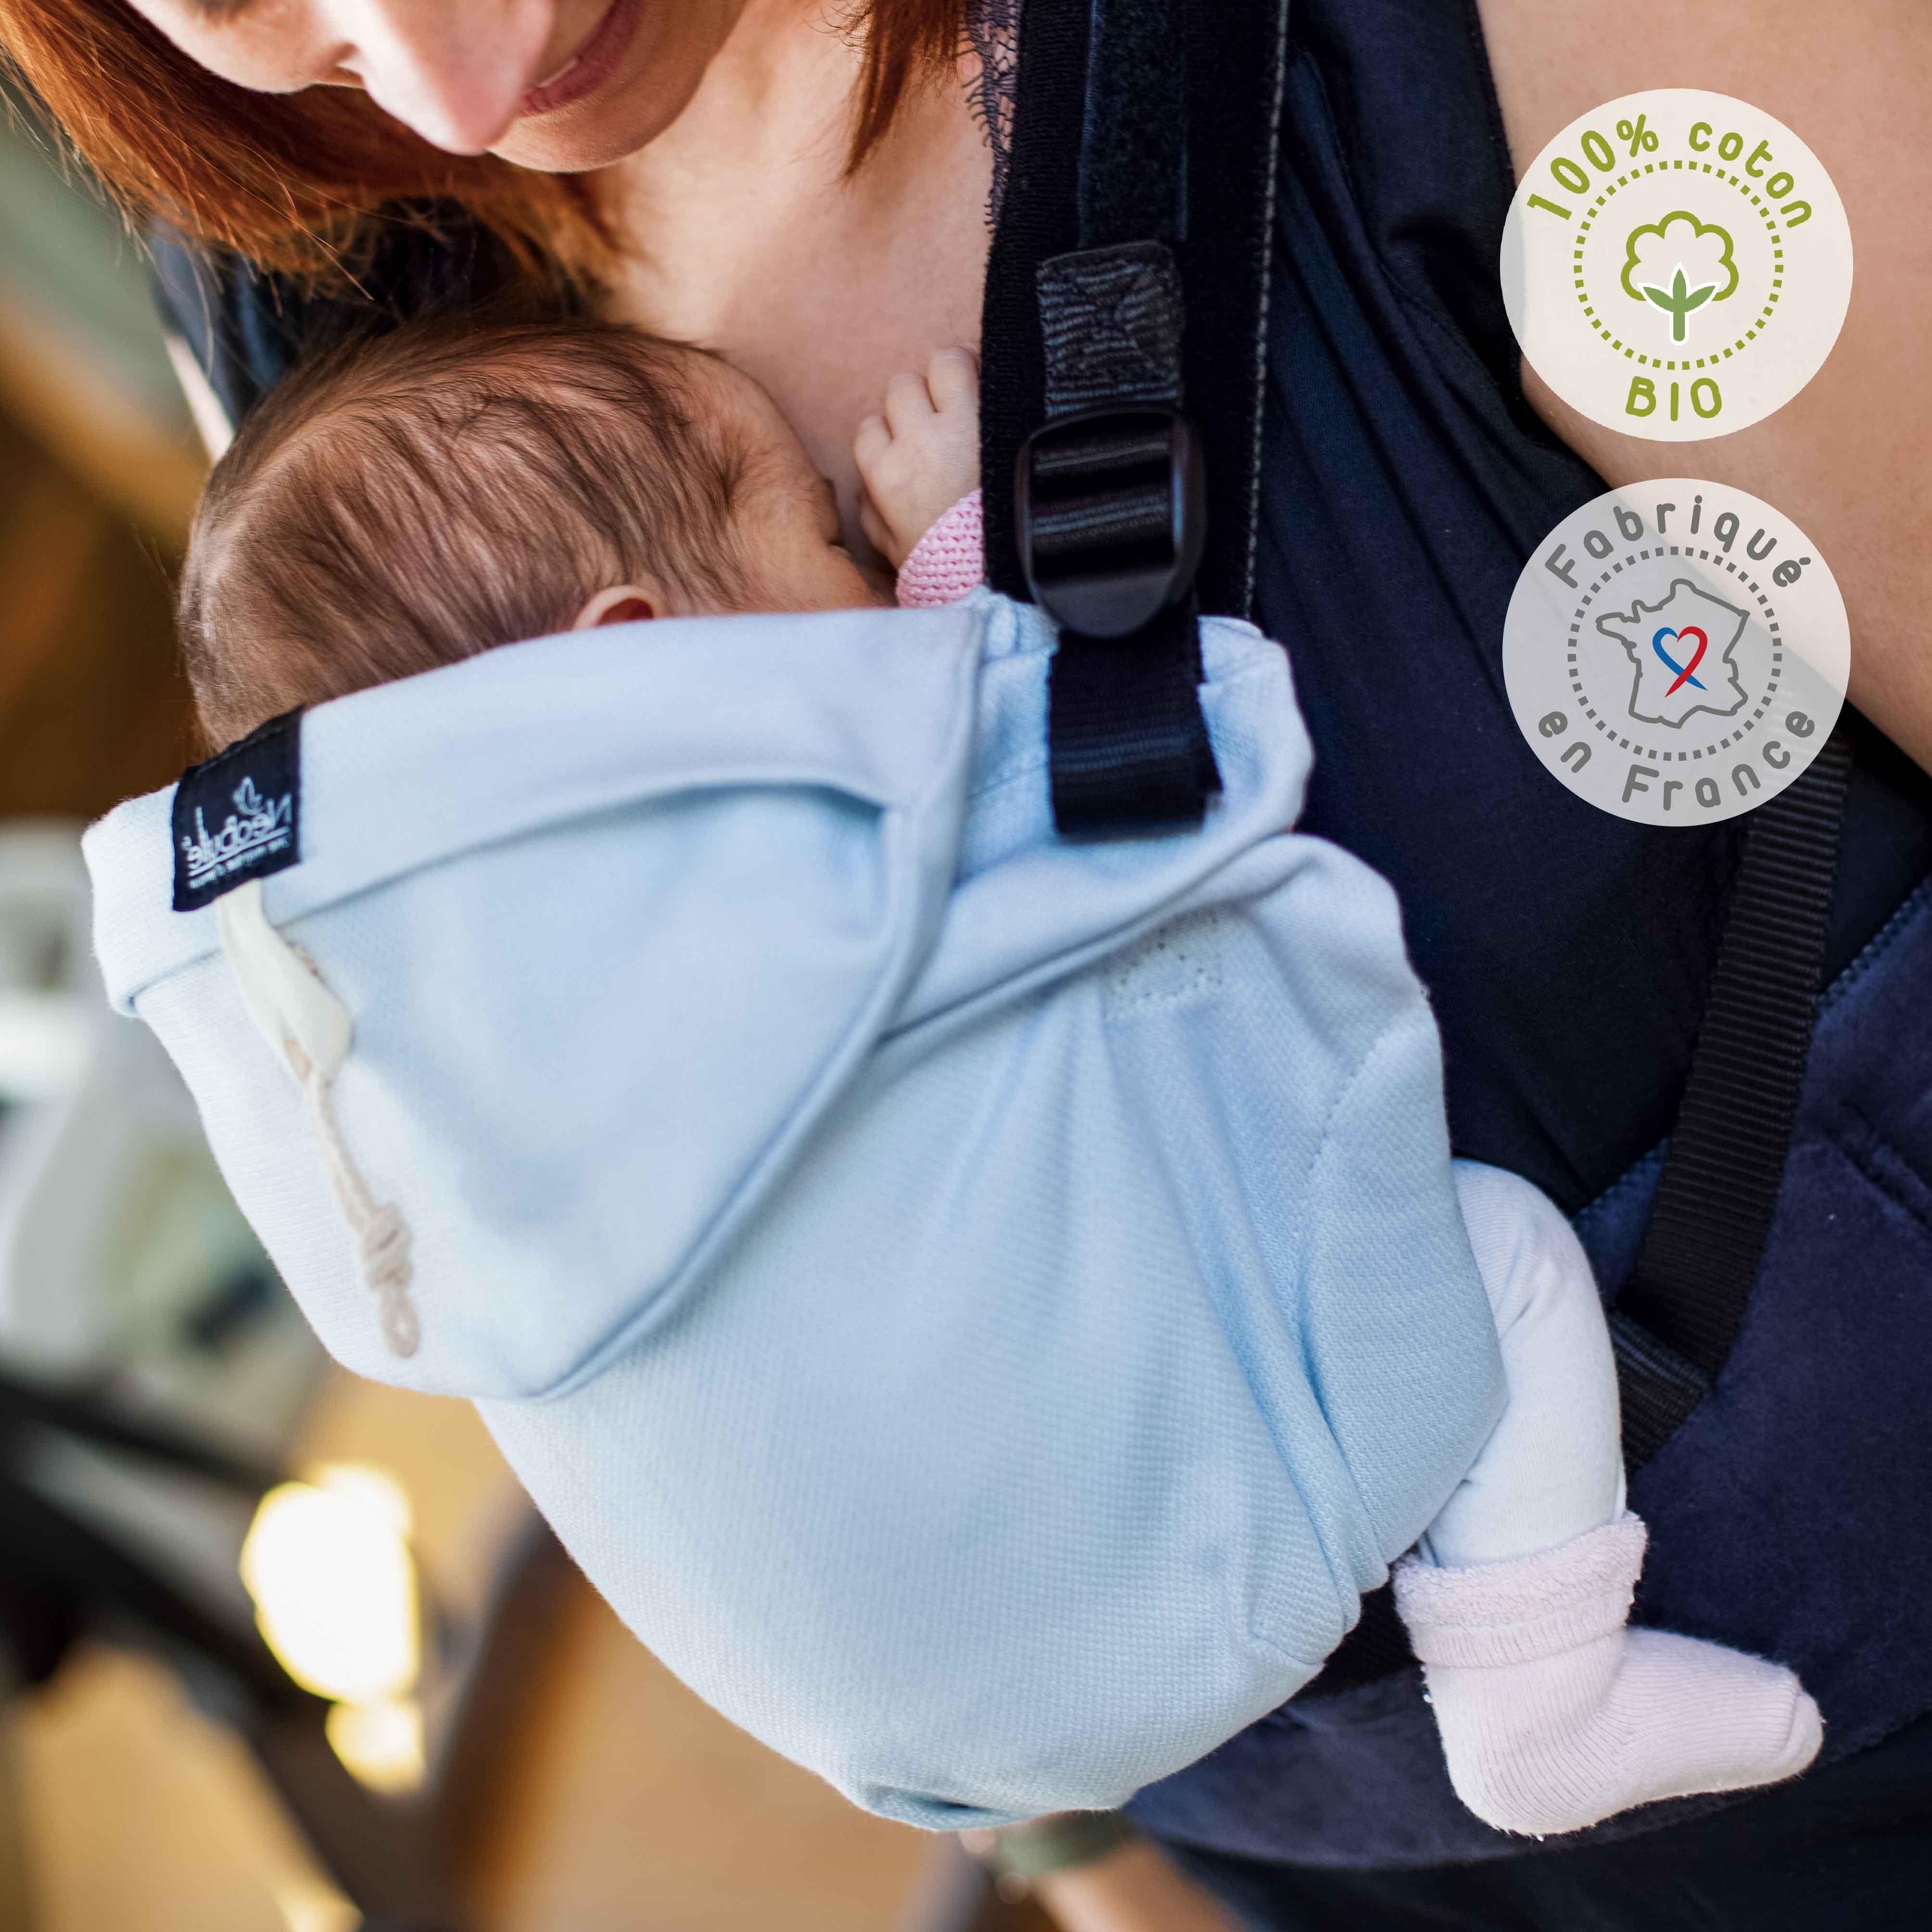 14ed186938a ELOisBIO vous présente le dernier née de Néobulle   le porte-bébé préformé  Néo pour